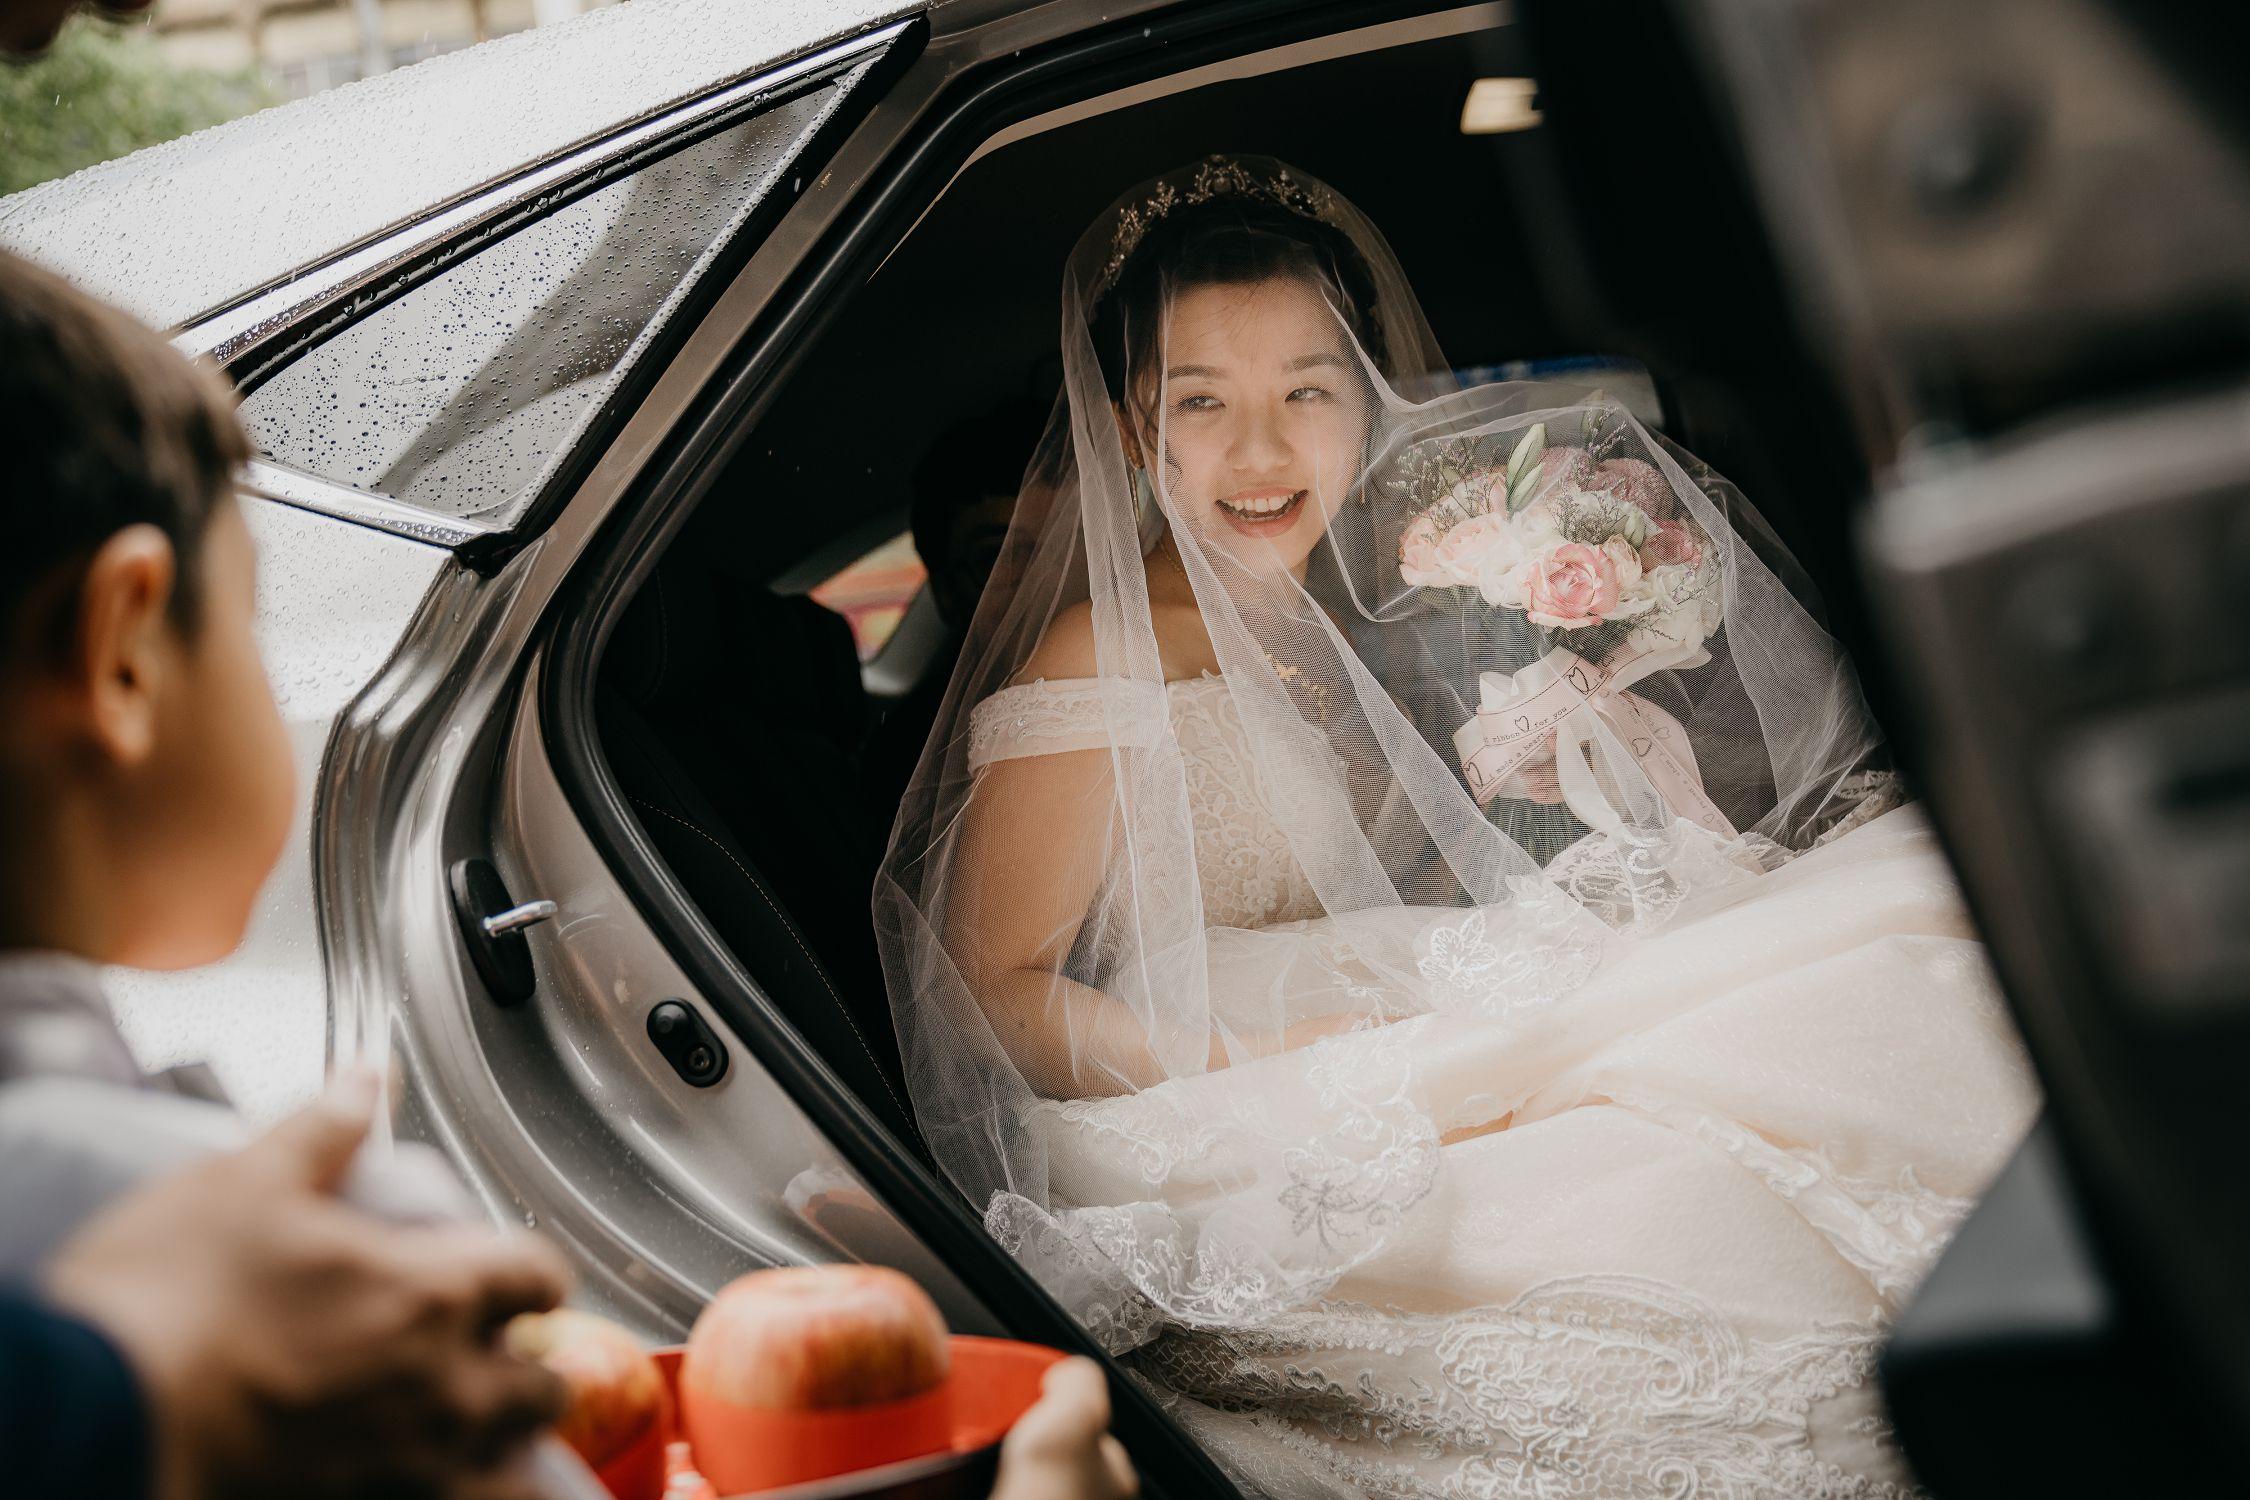 婚禮紀錄,婚攝,水源會館,雙機攝影,奉茶,闖關,儀式,白日夢工廠,婚錄,動態錄影,新娘物語推薦,ptt推薦,類婚紗,新秘,台北攝影師,拜別父母,婚禮流程,西服,禮服工作室,婚紗包套,婚禮包套